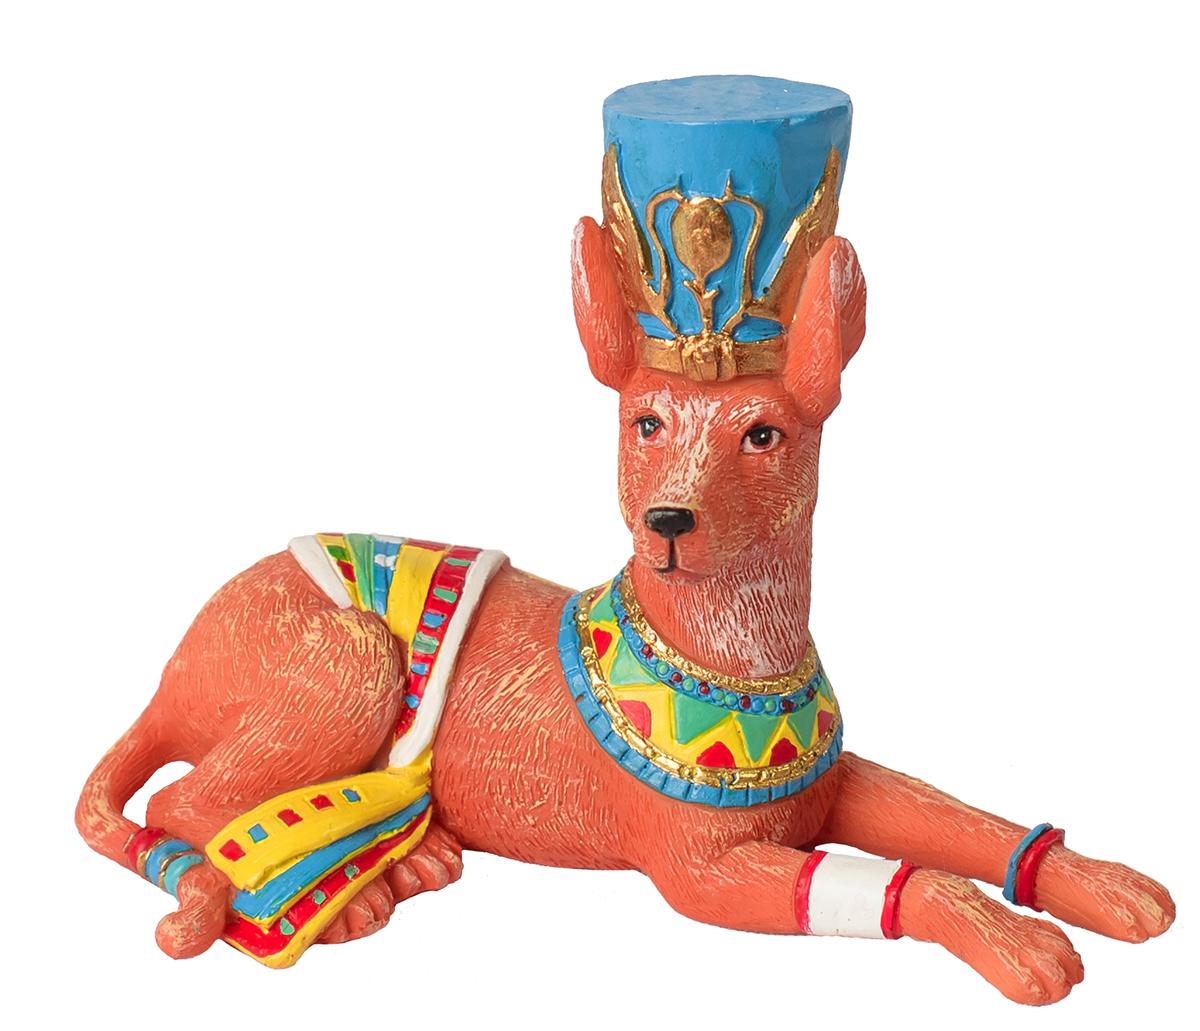 Фигурка декоративная Magic Time Собака-египтянка. 7560975609Фигурка декоративная Magic Time, выполненная из полирезины, станет оригинальным подарком для всех любителей необычных вещей. Она выполнена в виде собаки с шаром. Изысканный сувенир станет прекрасным дополнением к интерьеру. Вы можете поставить фигурку в любом месте, где она будет удачно смотреться и радовать глаз.